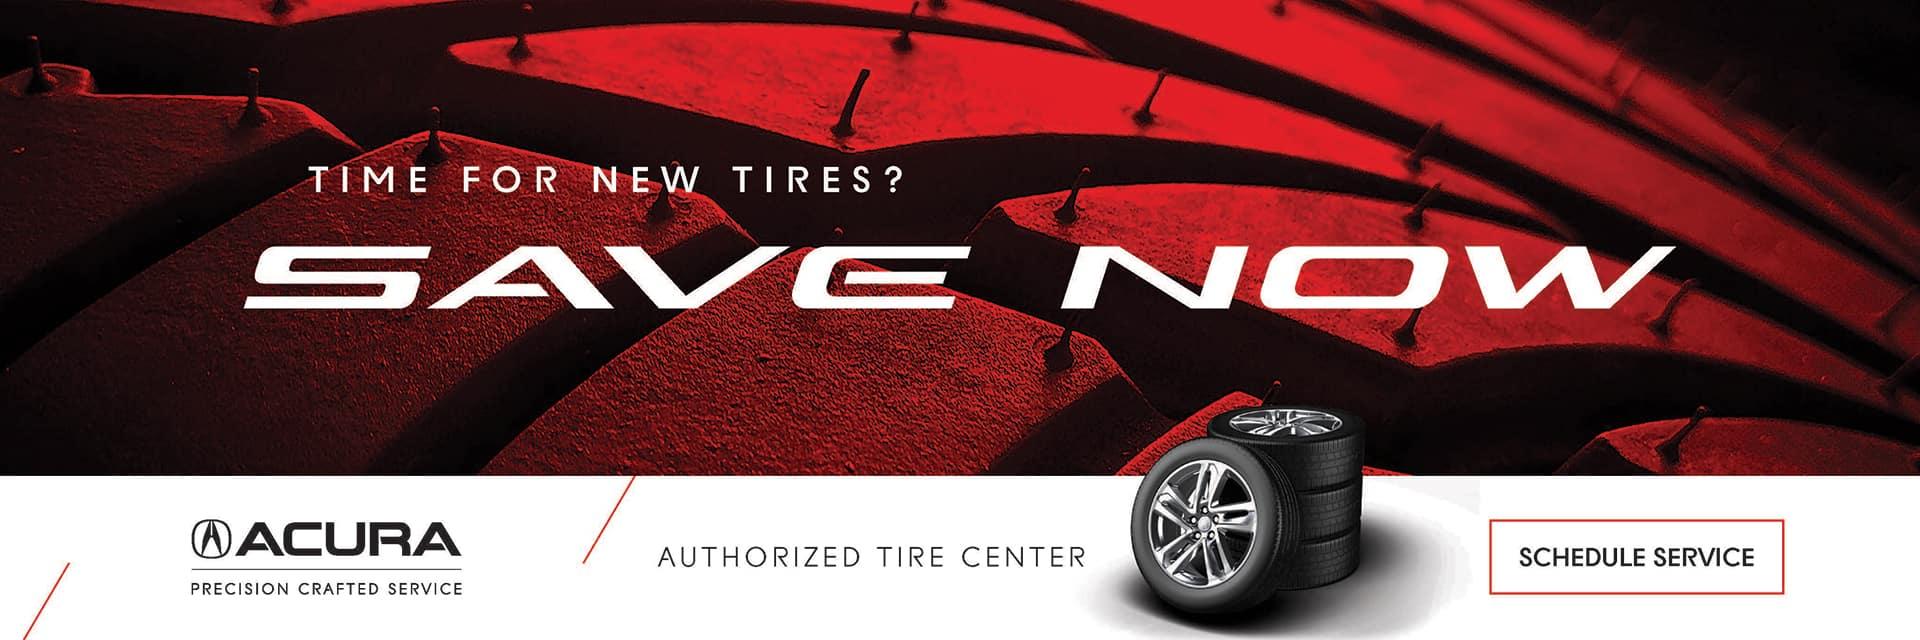 Springfield Acura New Used Cars Springfield Township NJ - Acura tl 2018 tires